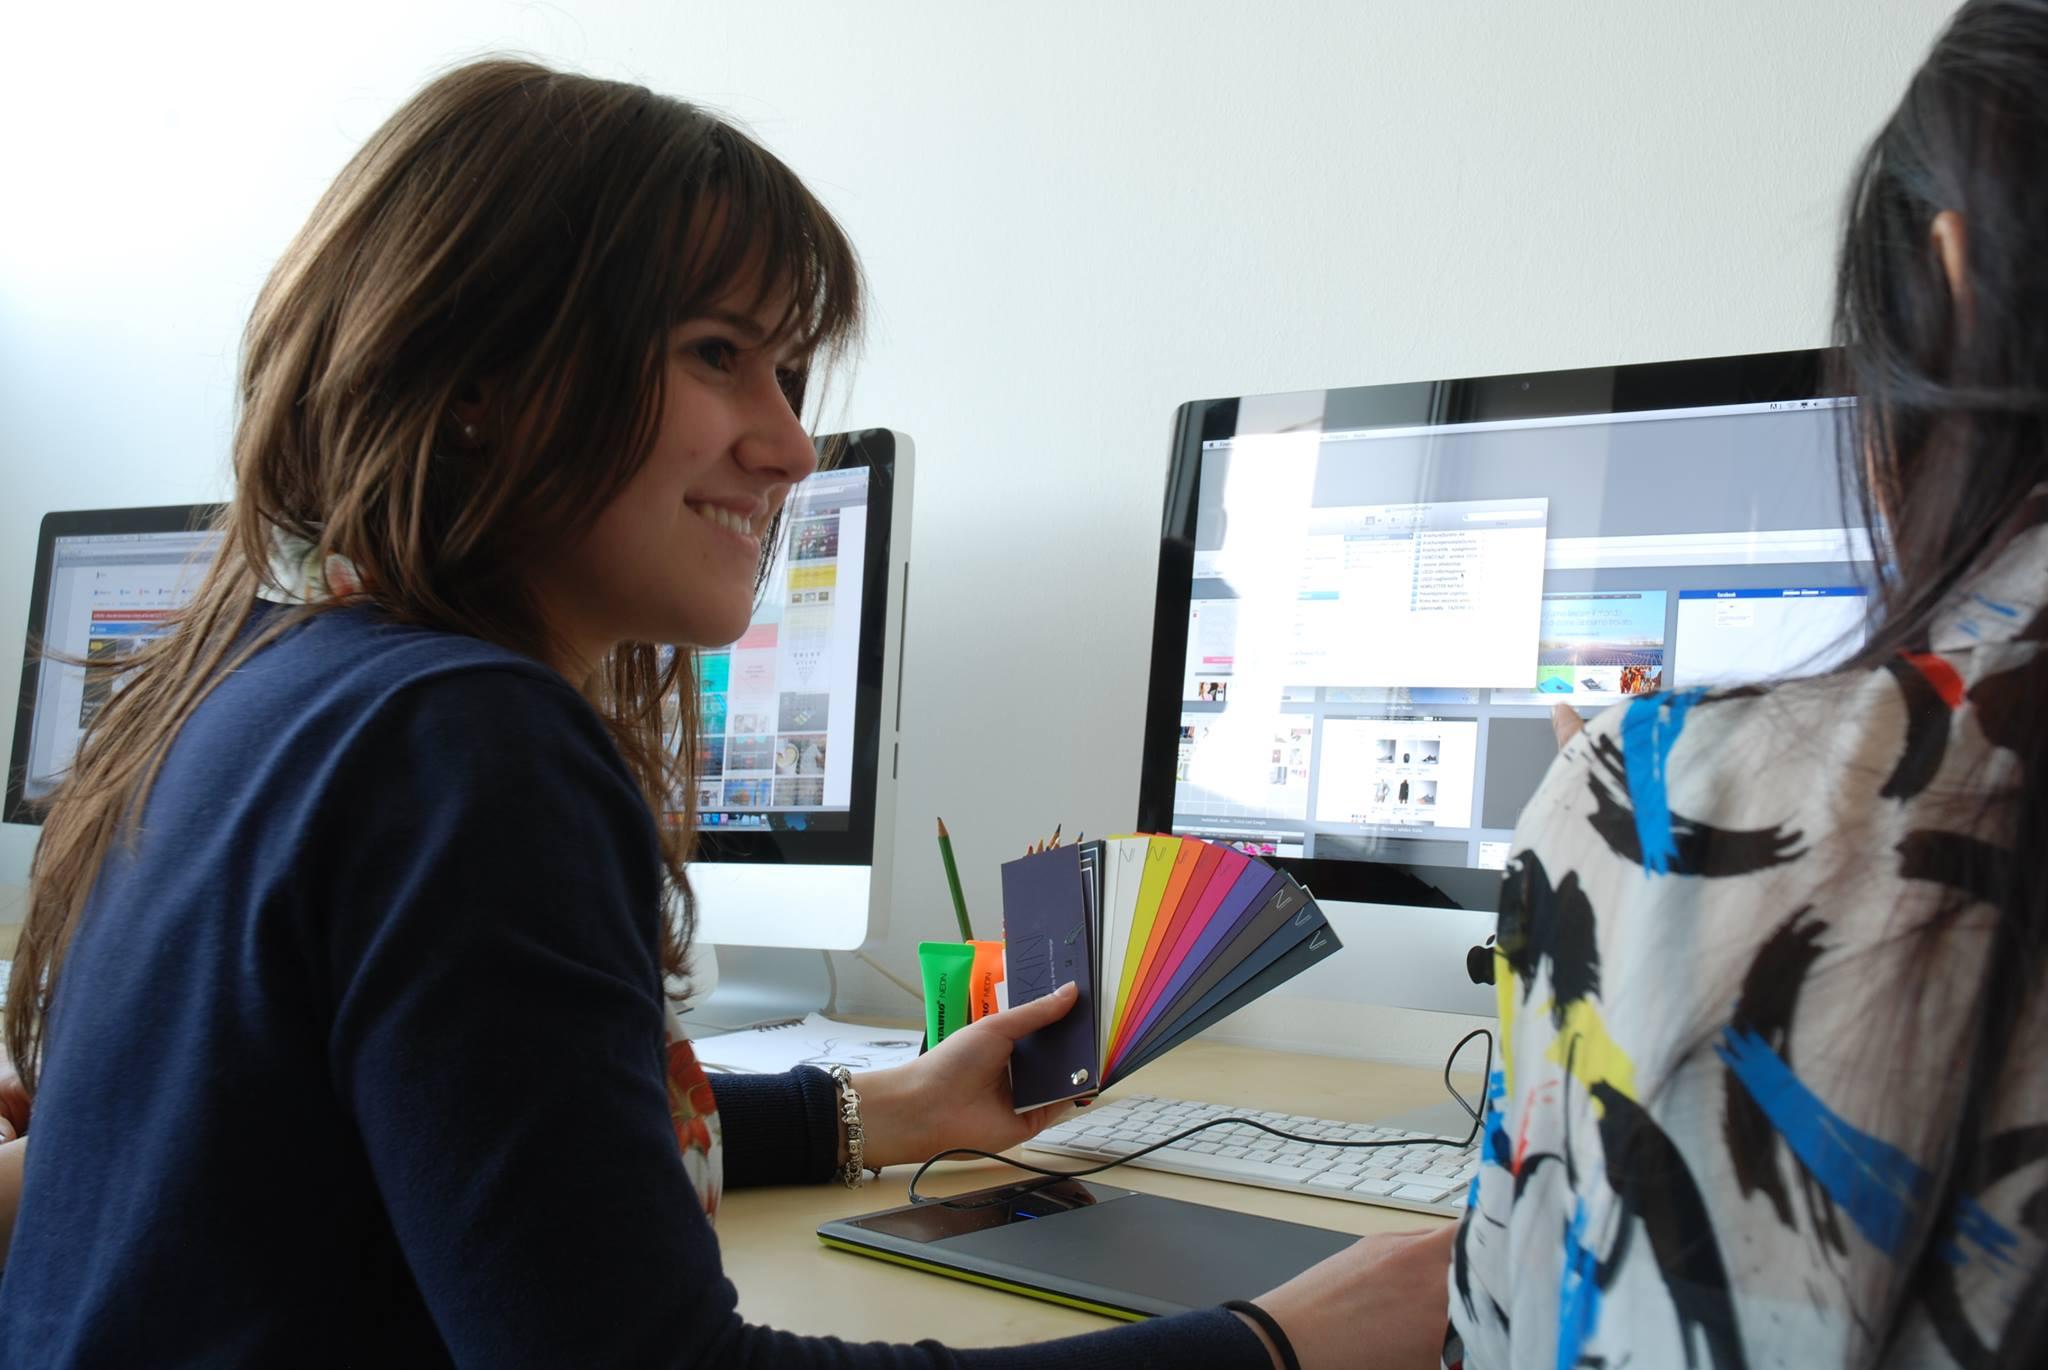 Corso di Grafica e Digital Design Vicenza